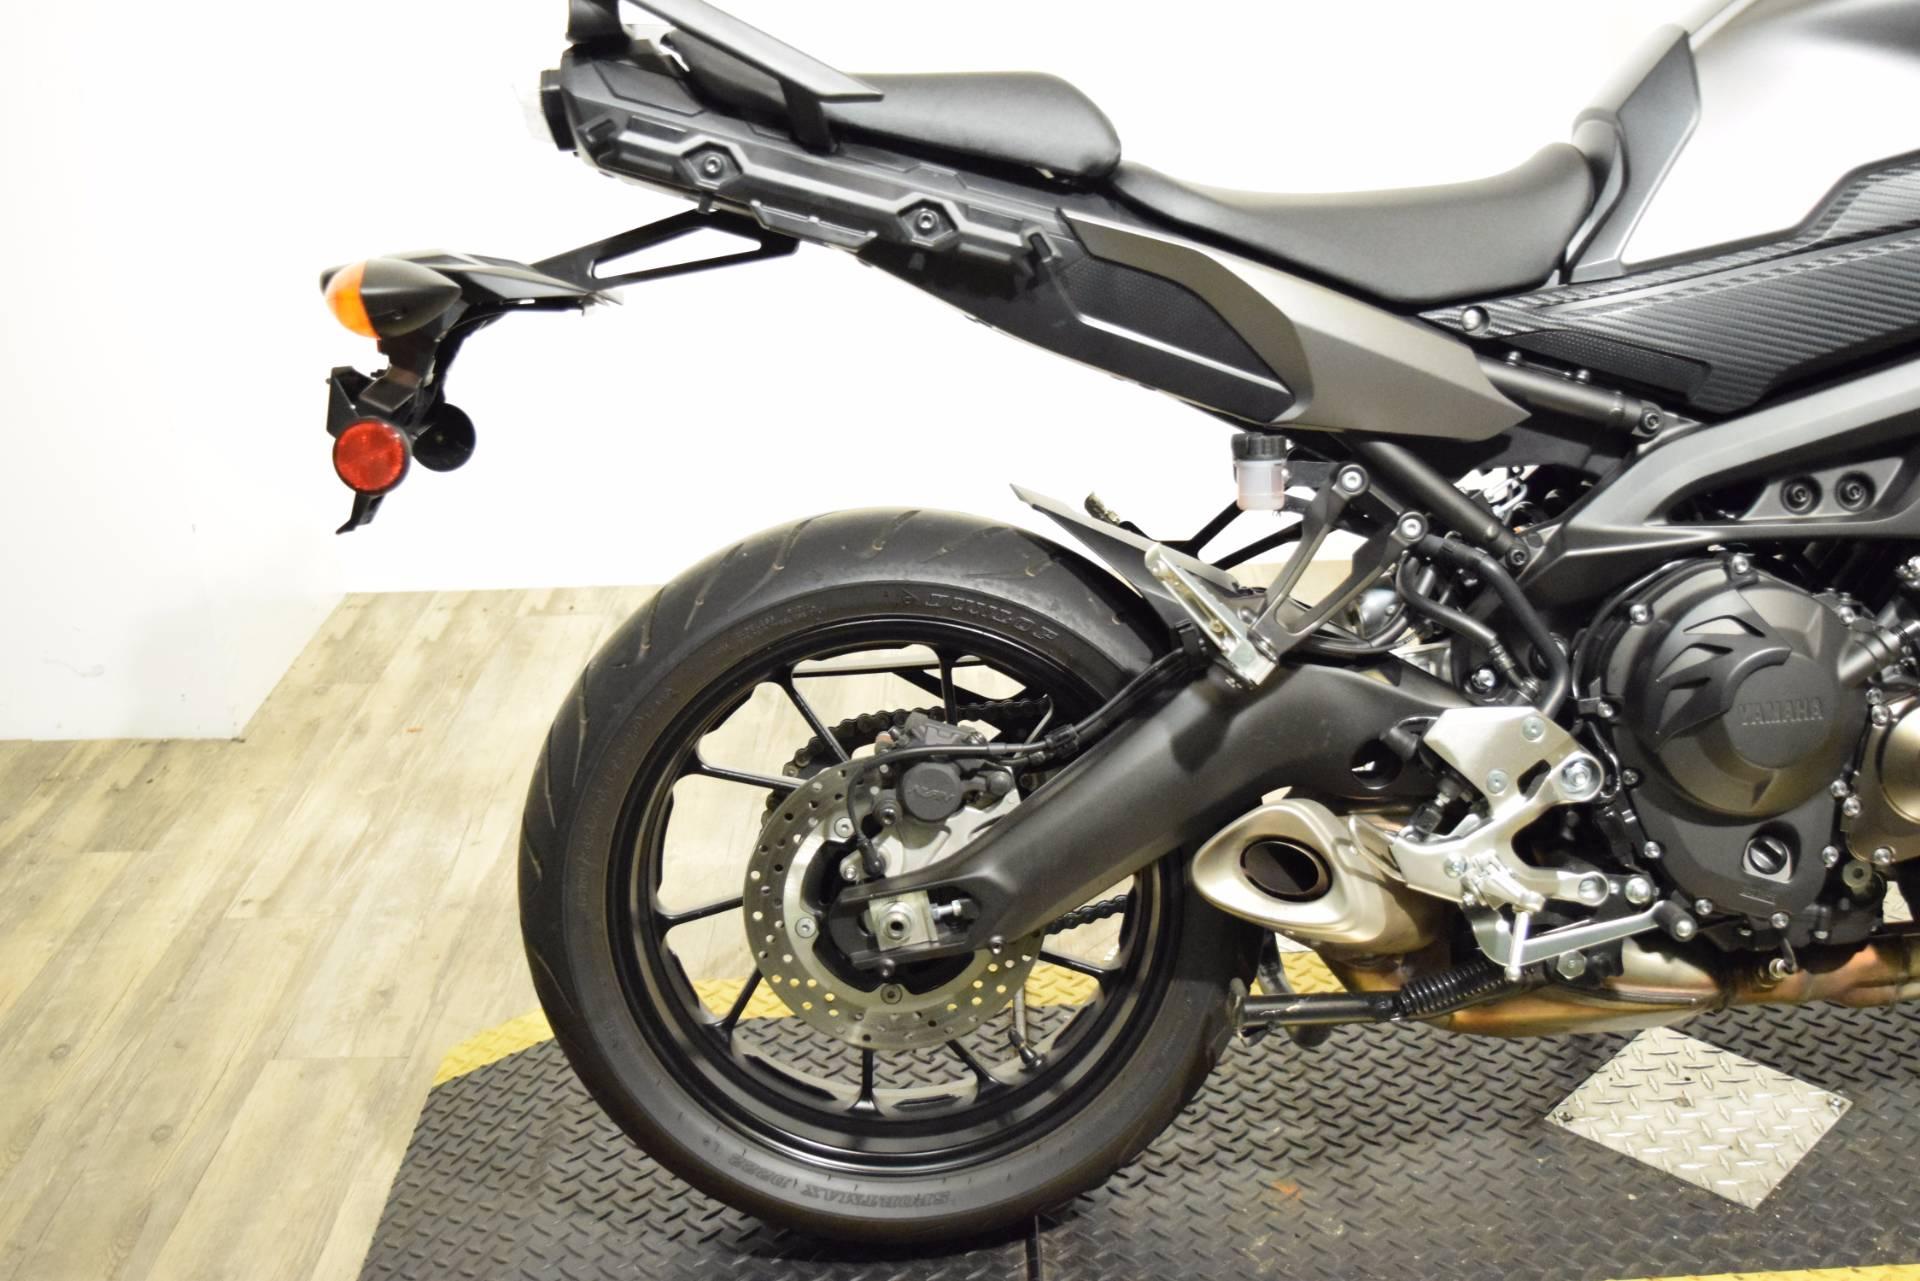 2015 Yamaha FJ-09 9